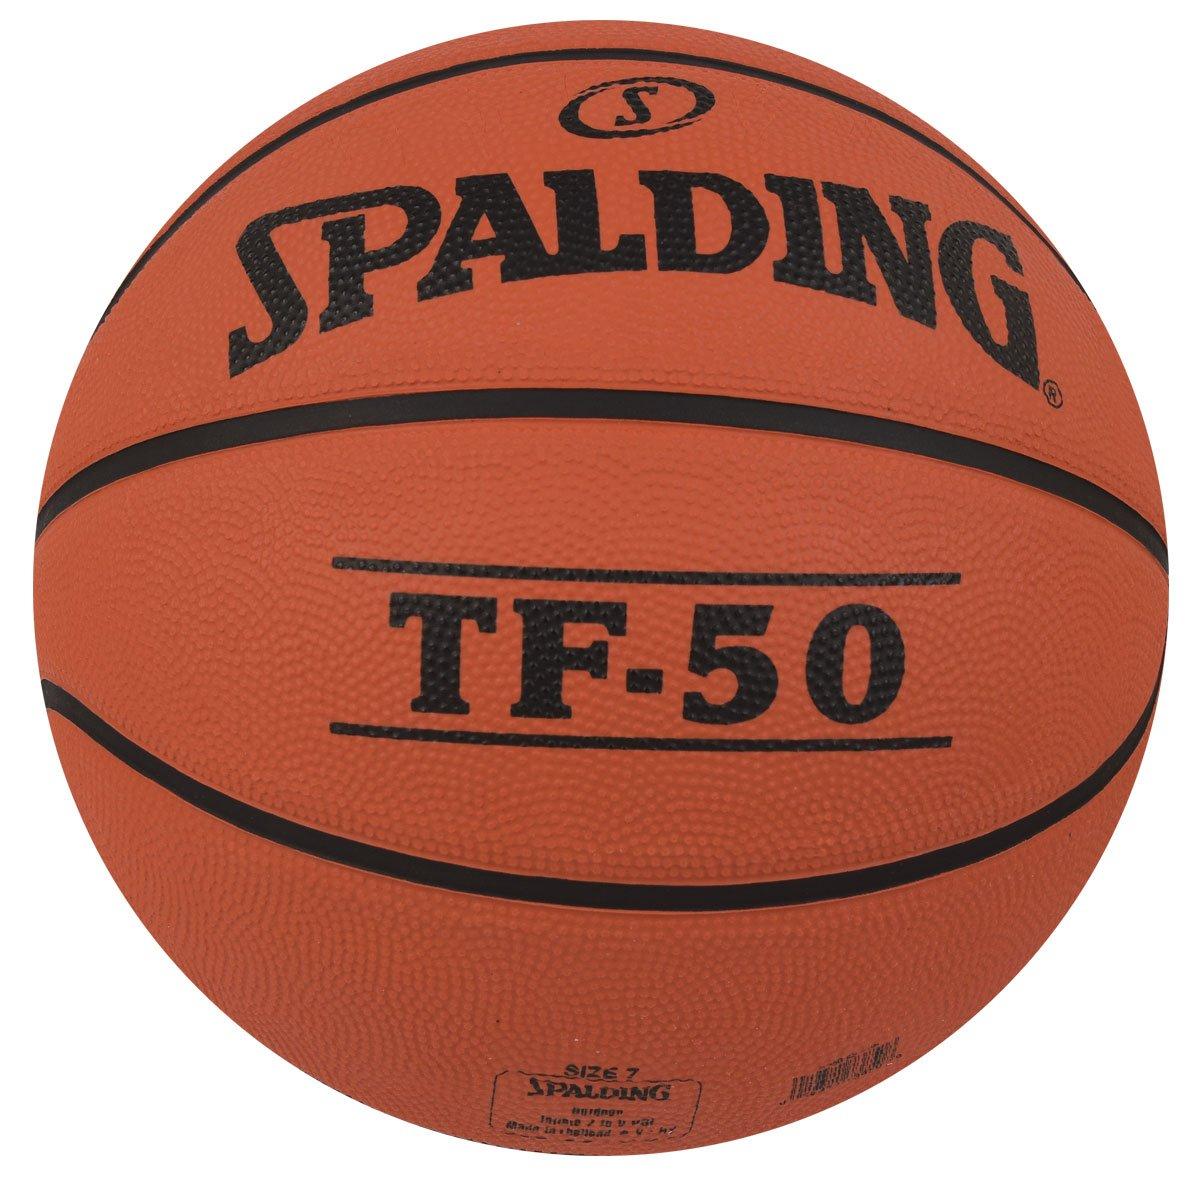 Spalding NBA Rebound Balón de Baloncesto, Unisex Adulto, Naranja ...